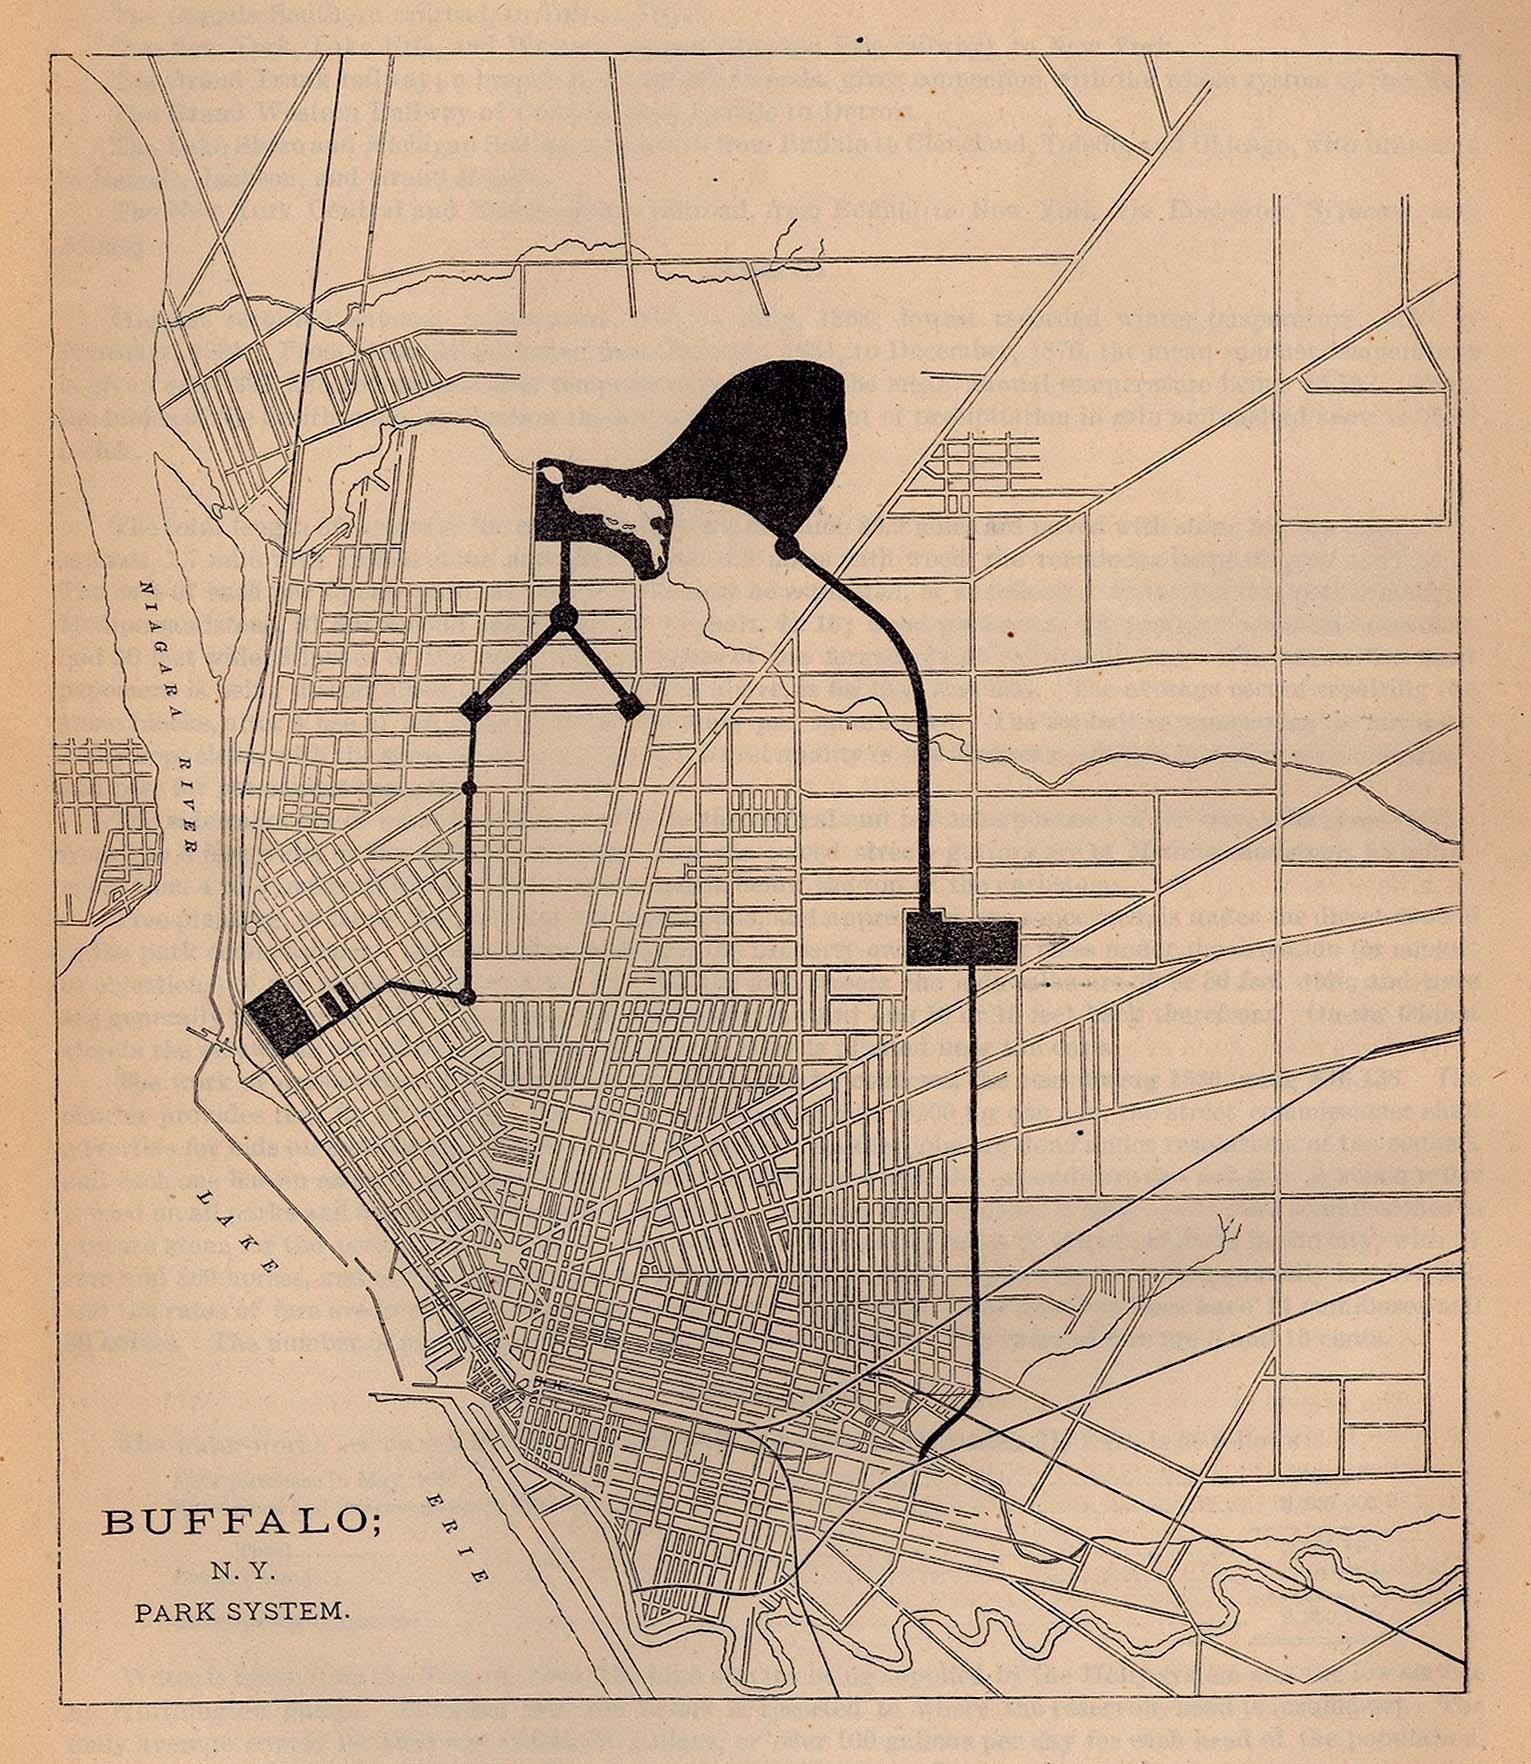 buffalo 1880 park system